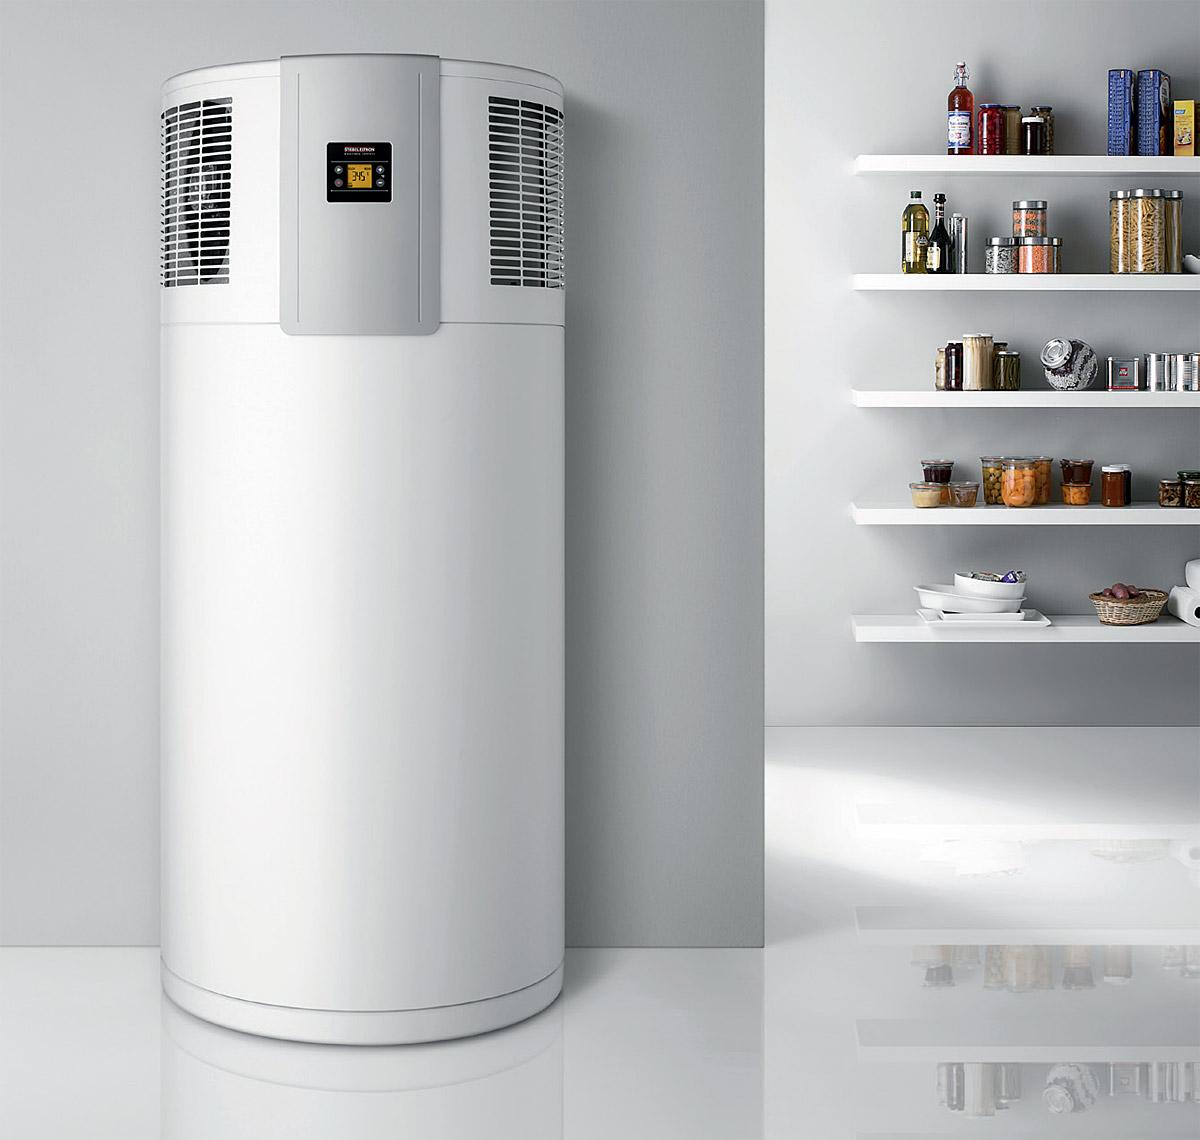 Co to jest pompa ciepła?